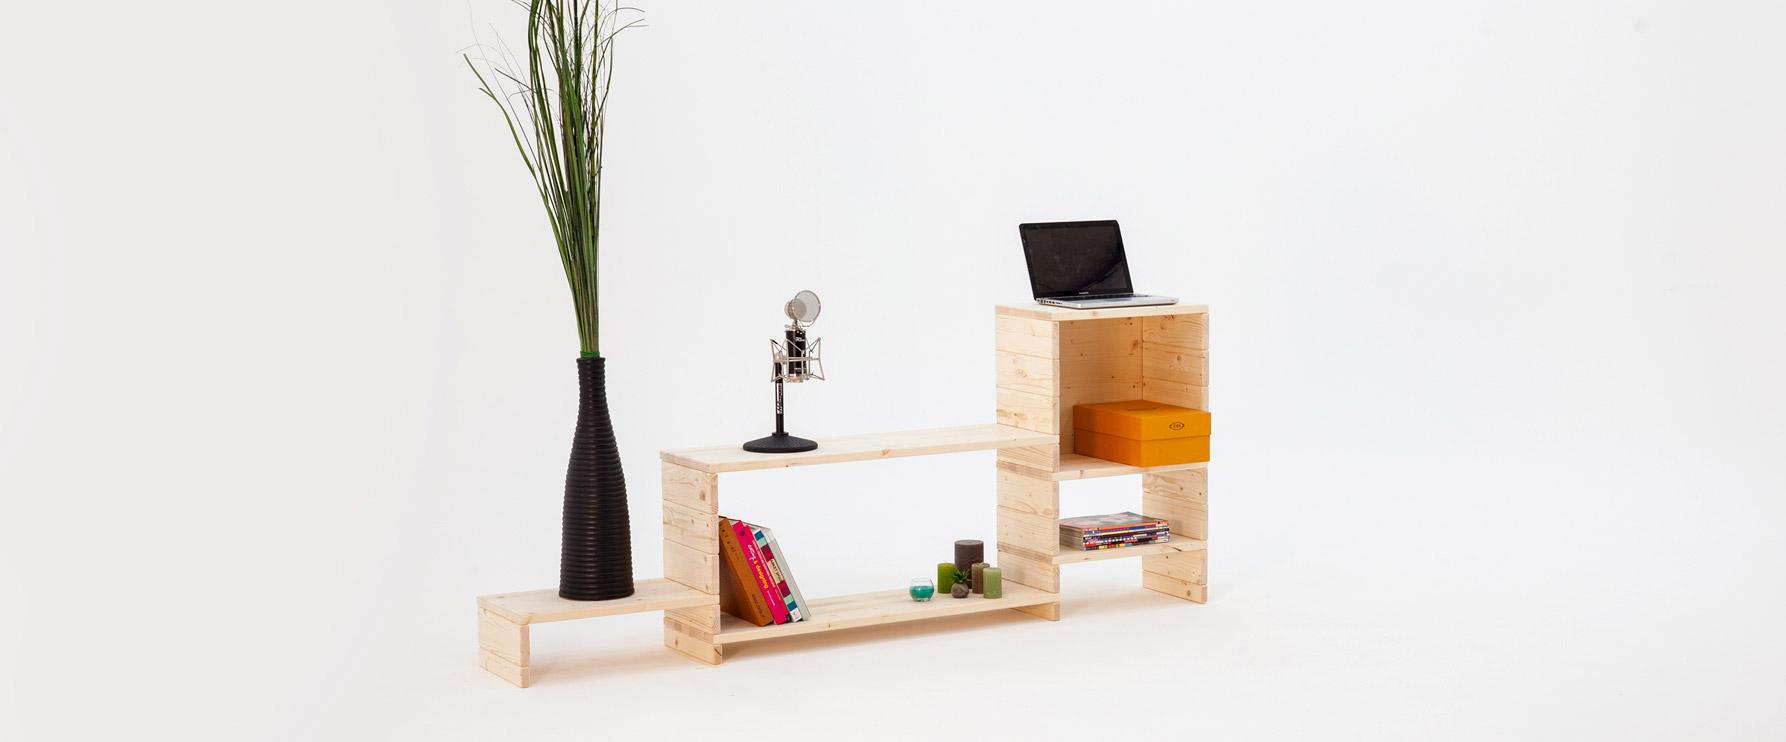 Composizioni di arredo in legno resistente | Kompo Kube